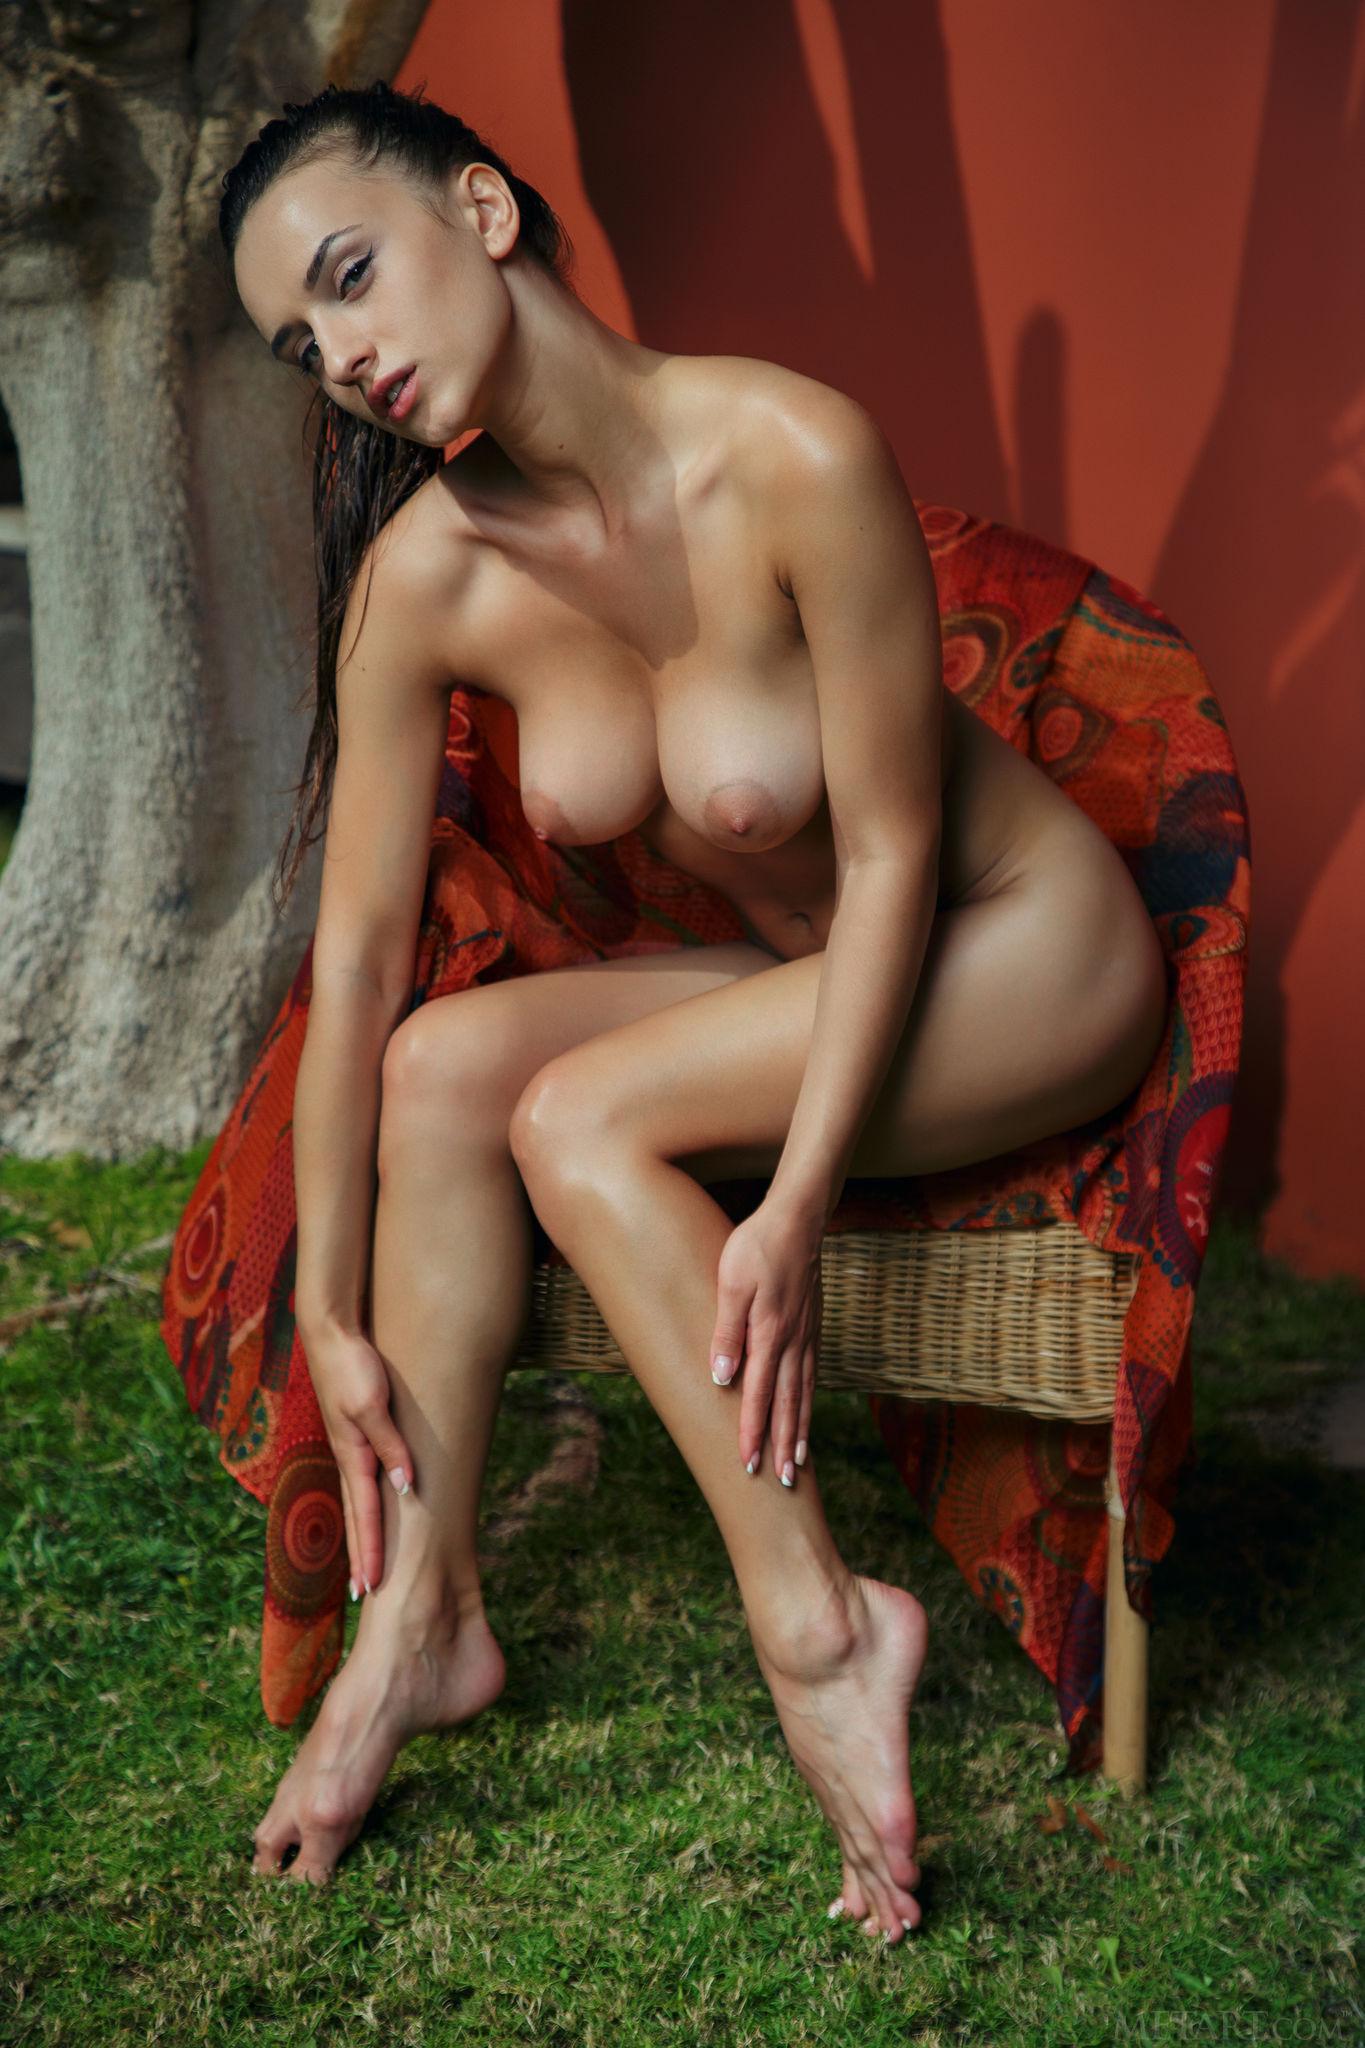 sayt-s-chastnoy-erotikoy